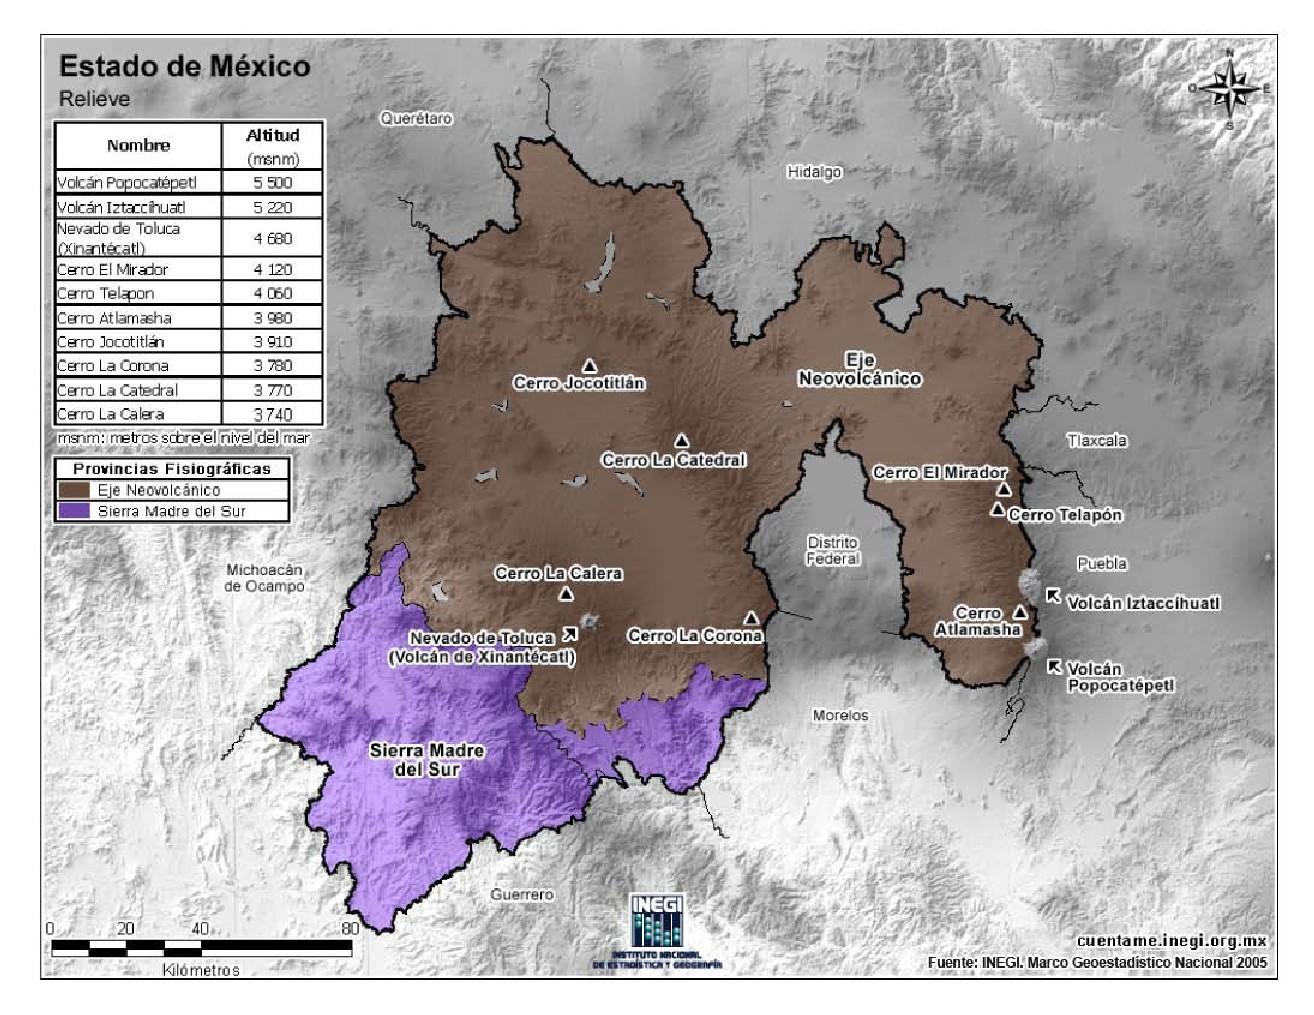 Mapa en color de montañas del Estado de México. INEGI de México